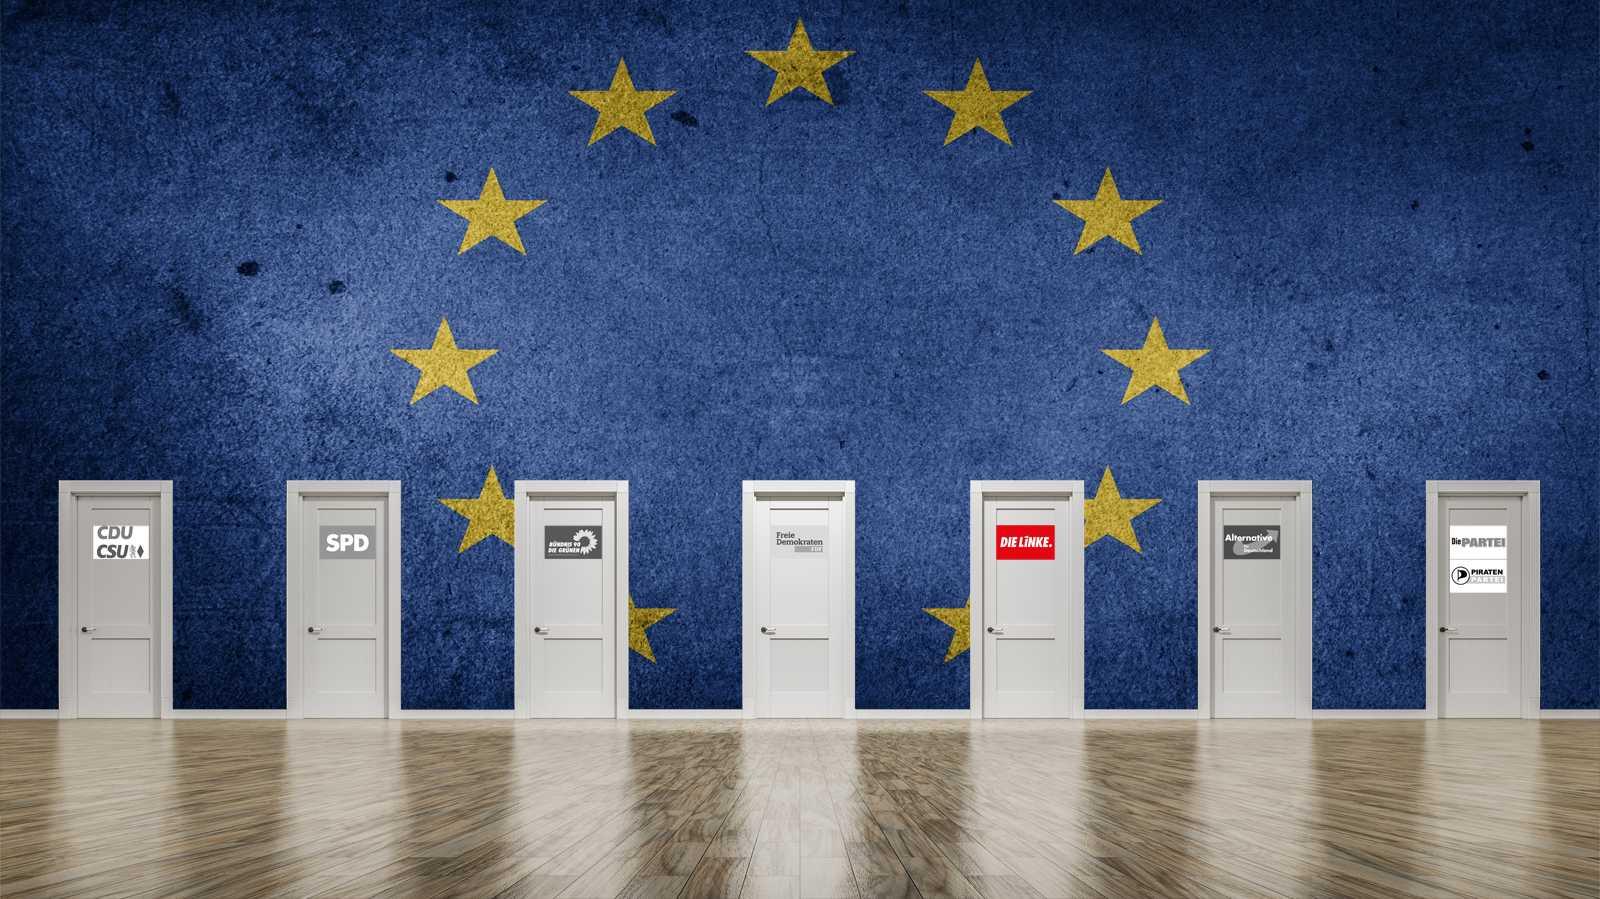 Programme und Positionen zur Europawahl 2019: Die Linke